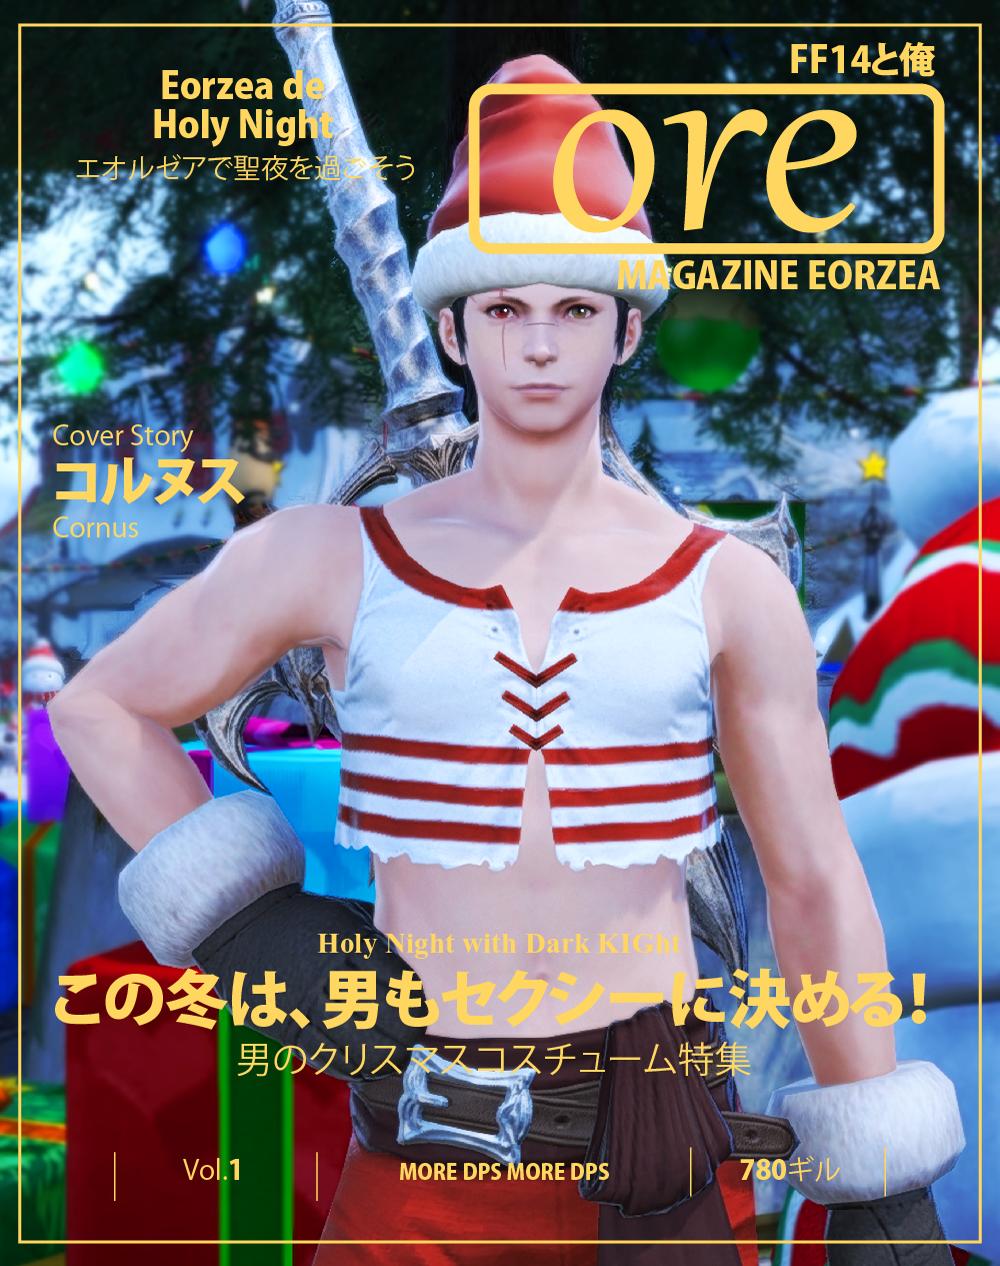 この度、エオルゼアに新たなファッション誌「ore」が創刊されました。